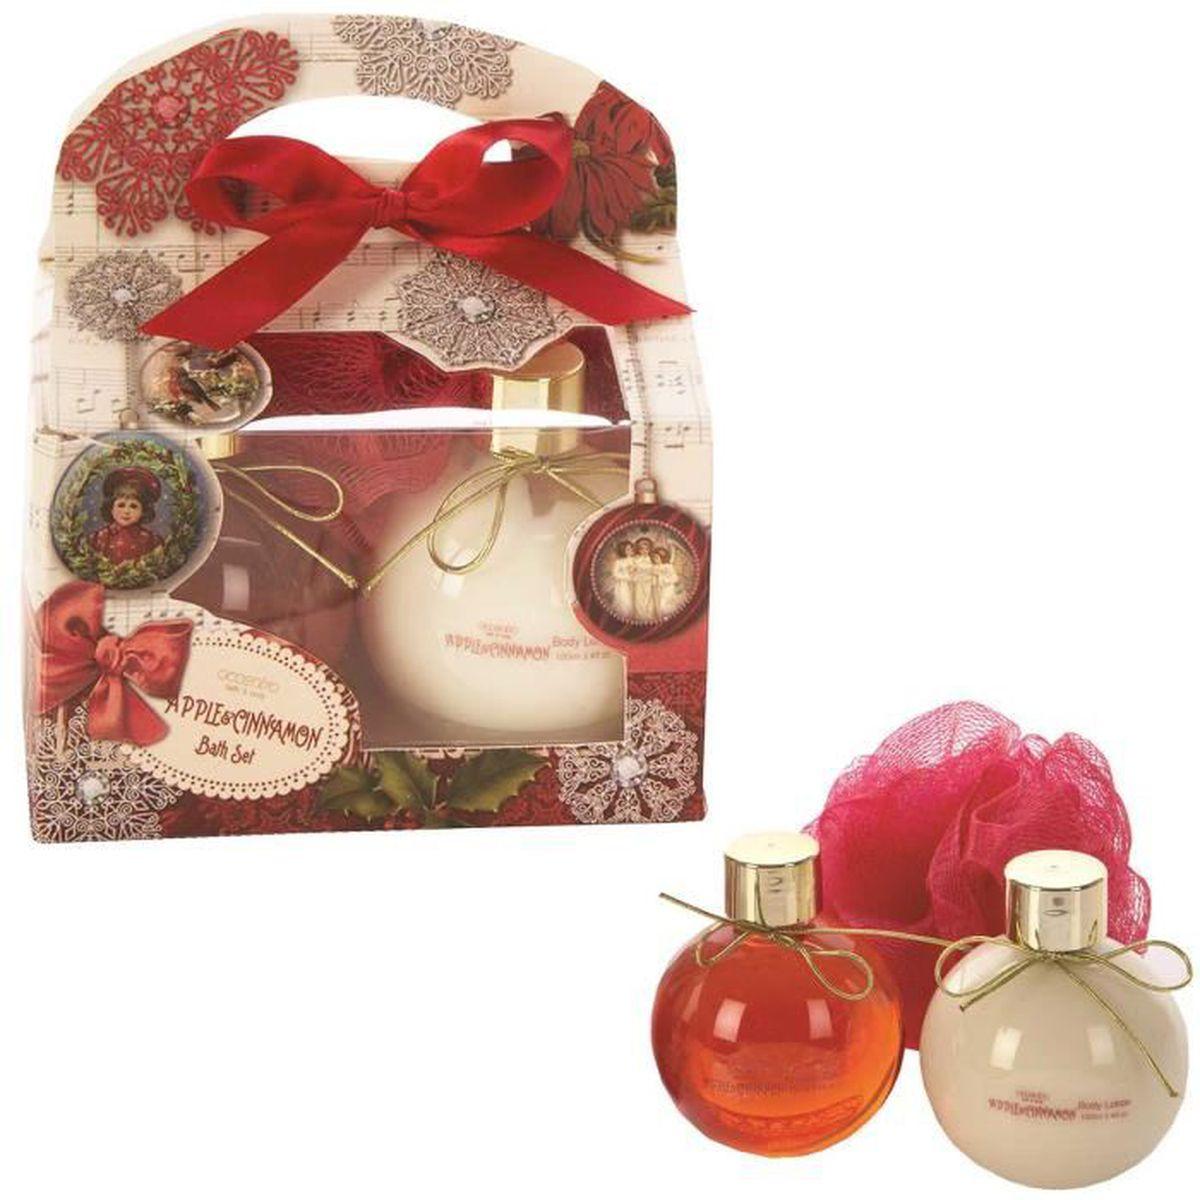 Coffret Cadeau Tentation BOULE DE NOËL Parfum POMME & CANNELLE